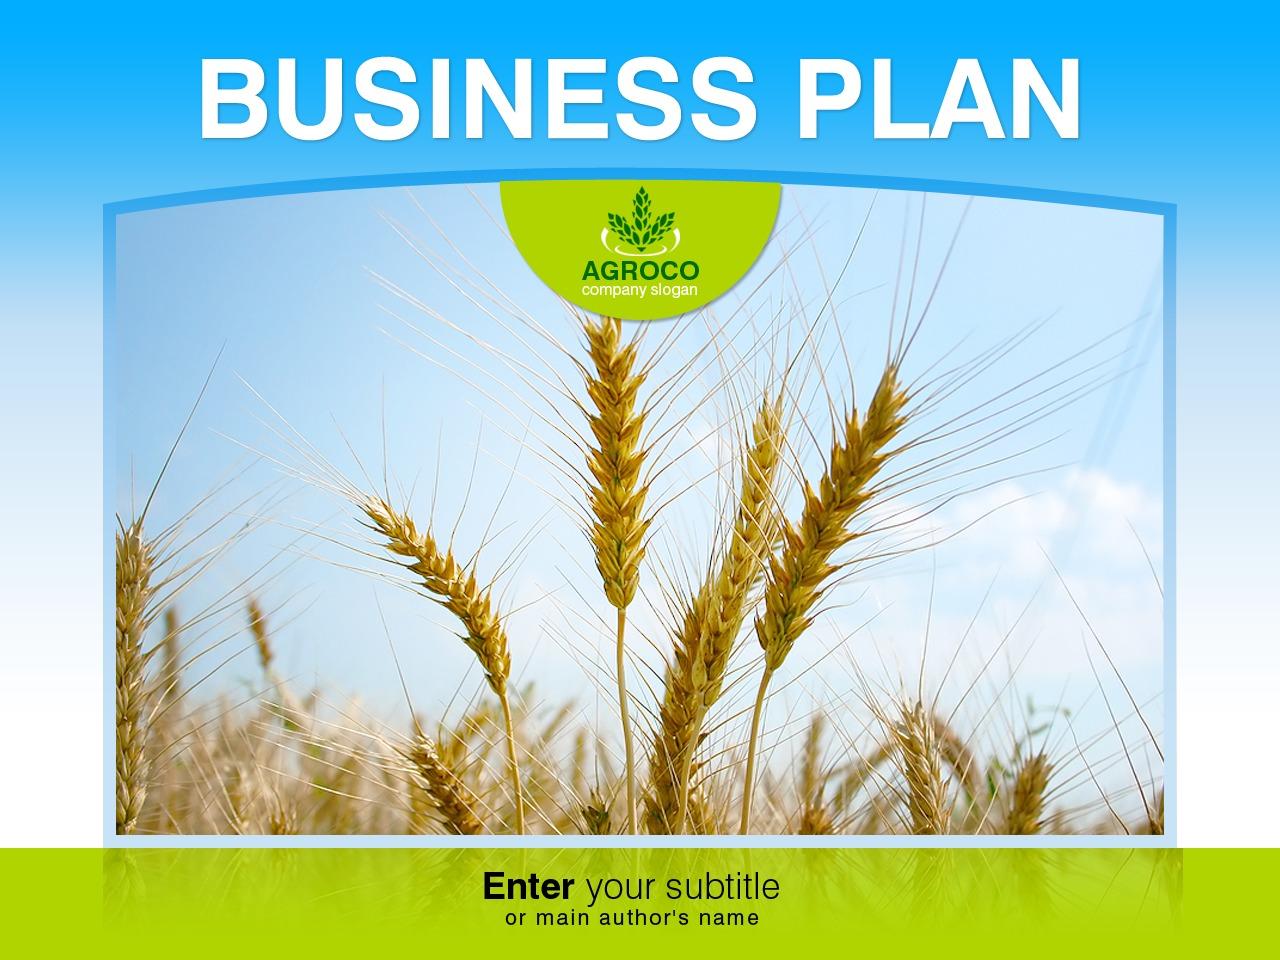 Maize Wallpaper For Presentation: Plantilla PowerPoint #32293 Para Sitio De Agricultura